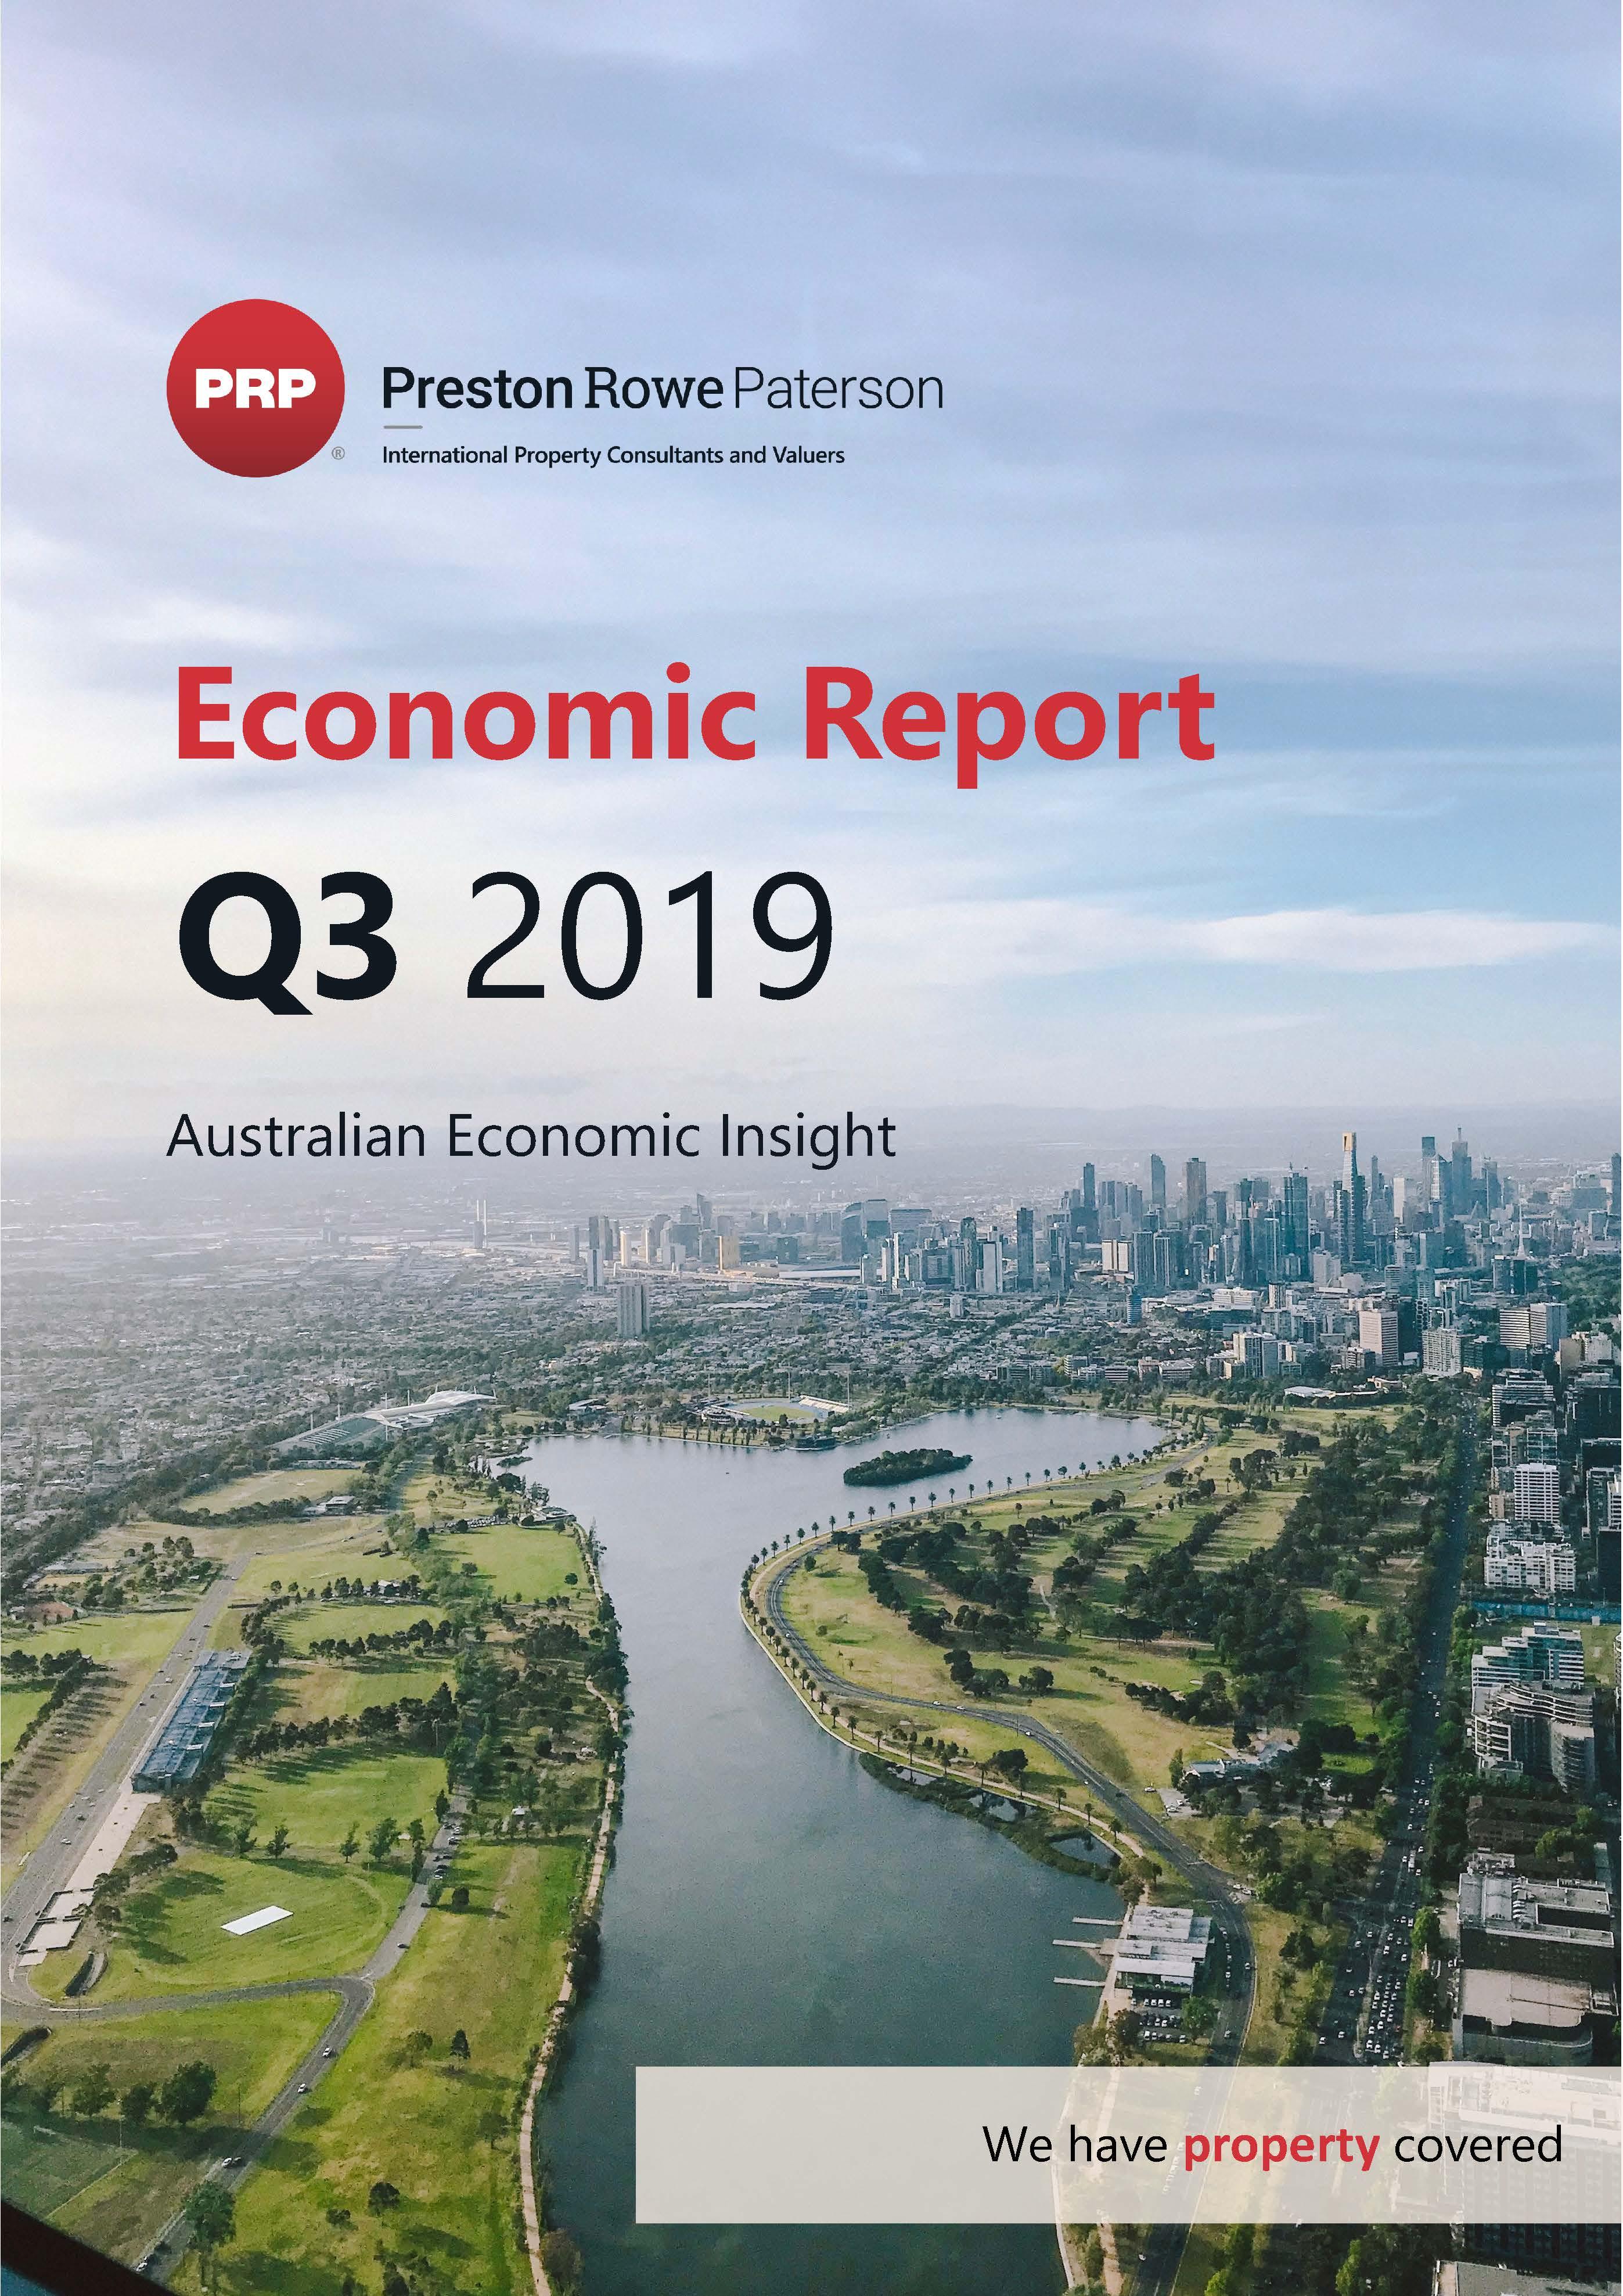 Economic Report - Q3 2019 - Australia